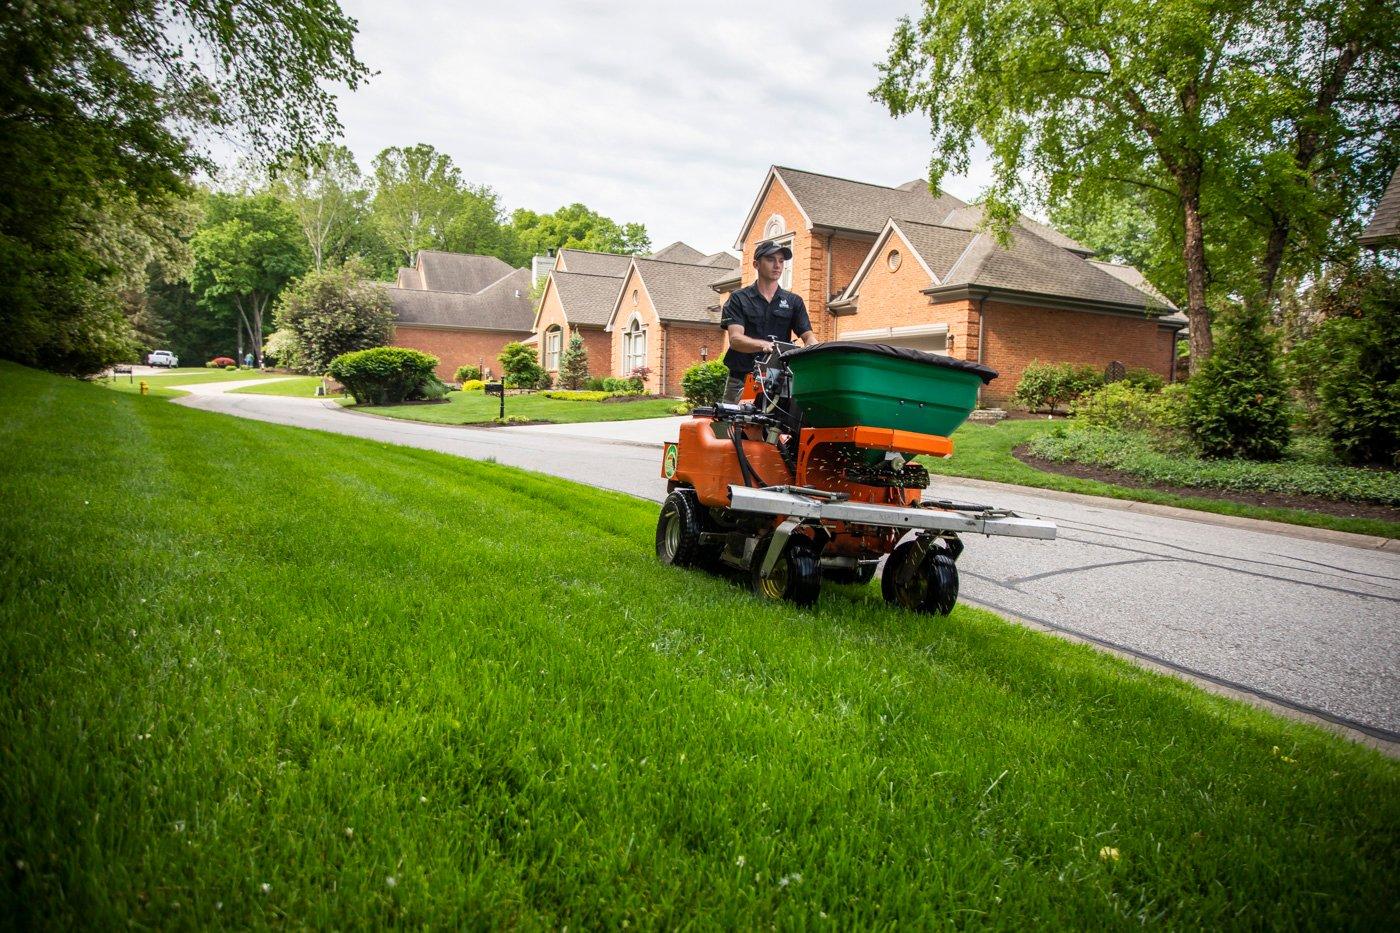 lawn technician fertilizing lawn in summer